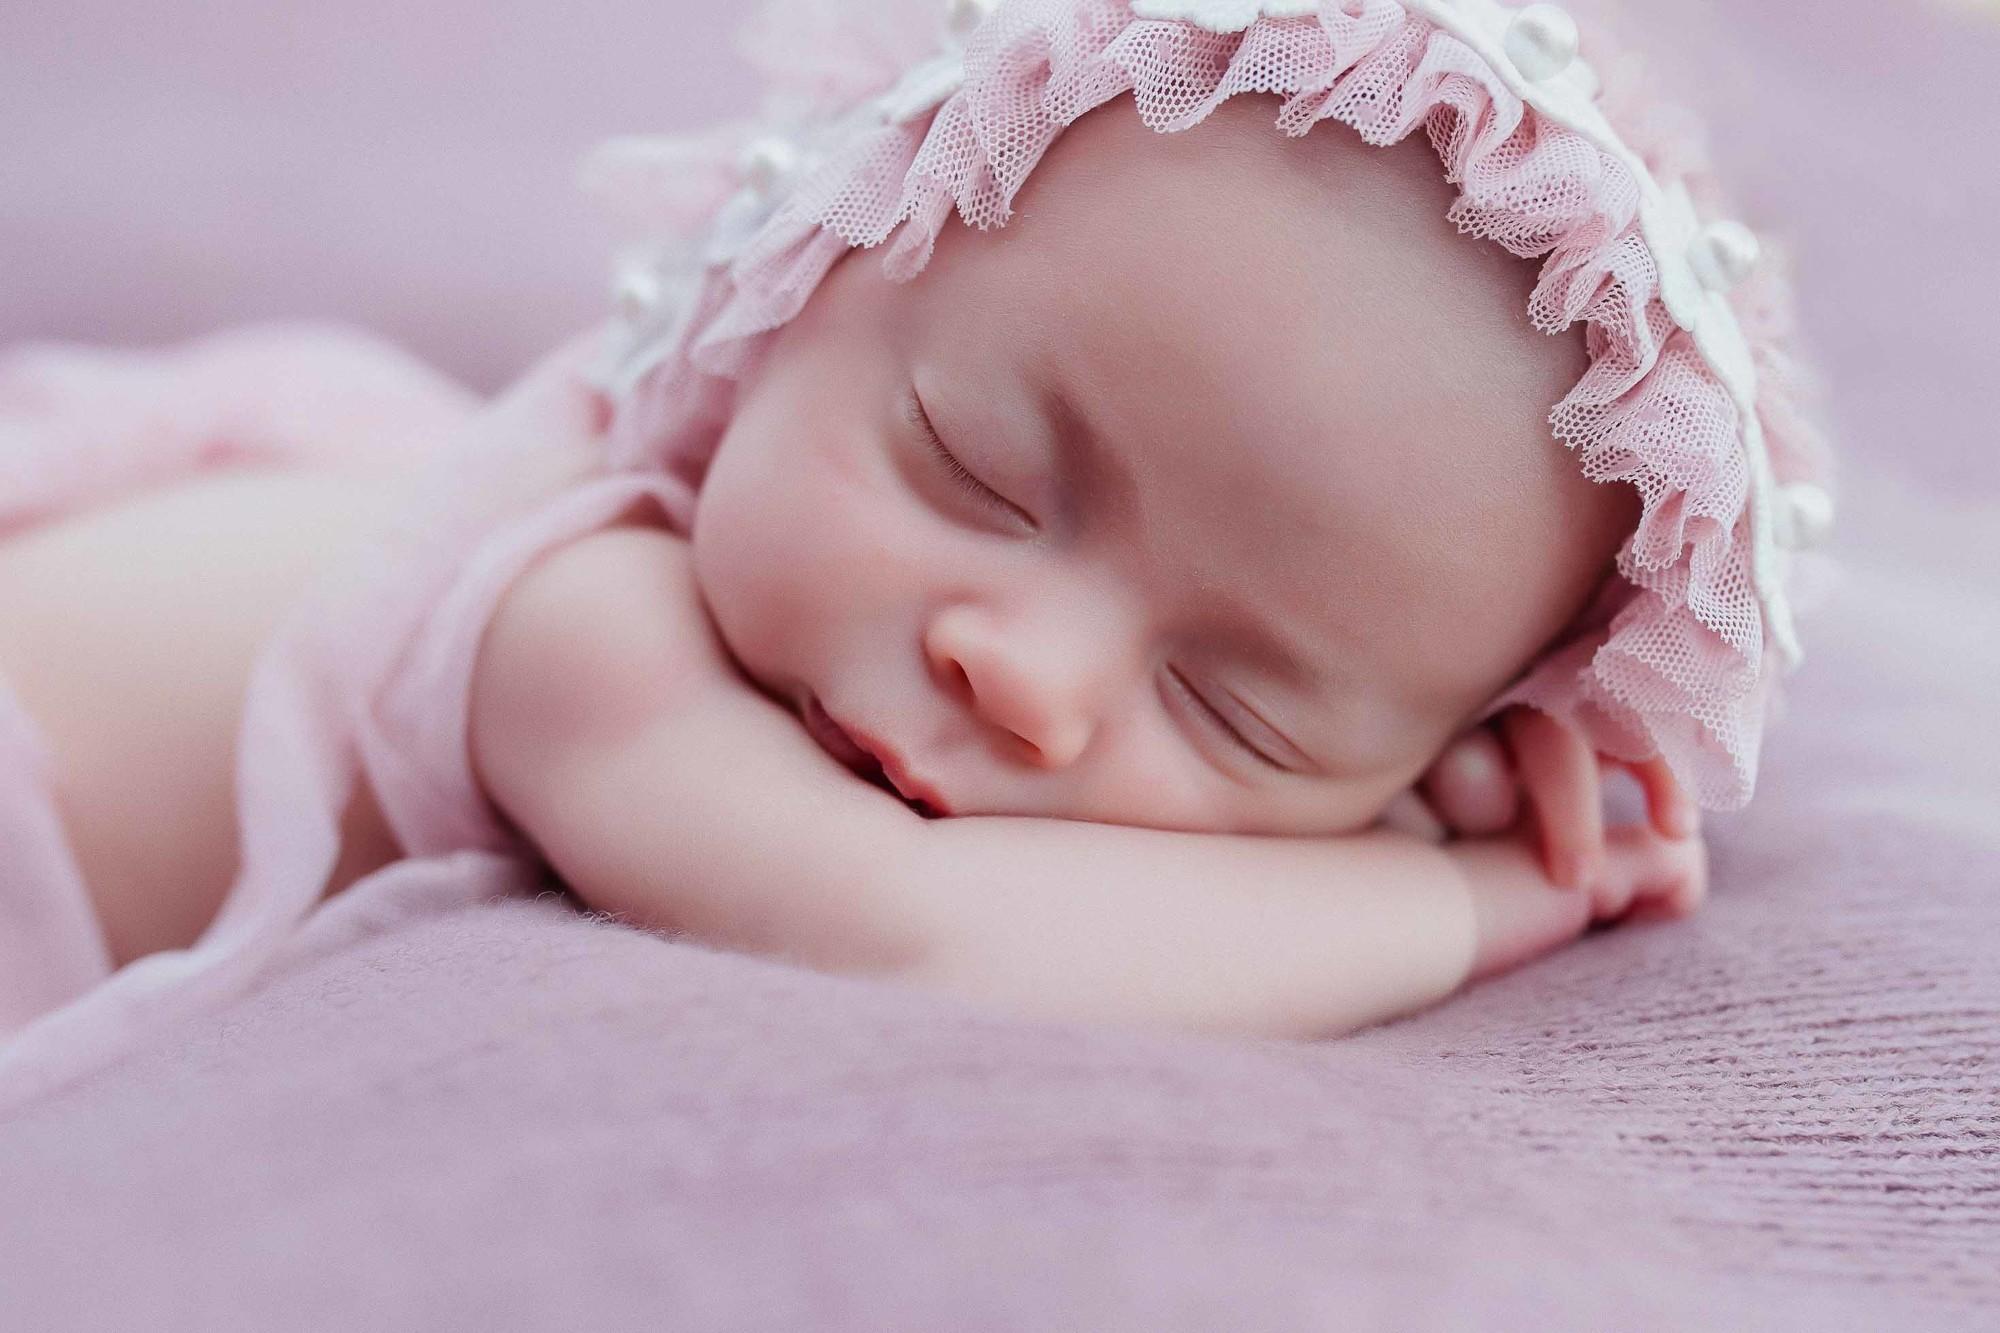 fotografos de bebes malaga-10